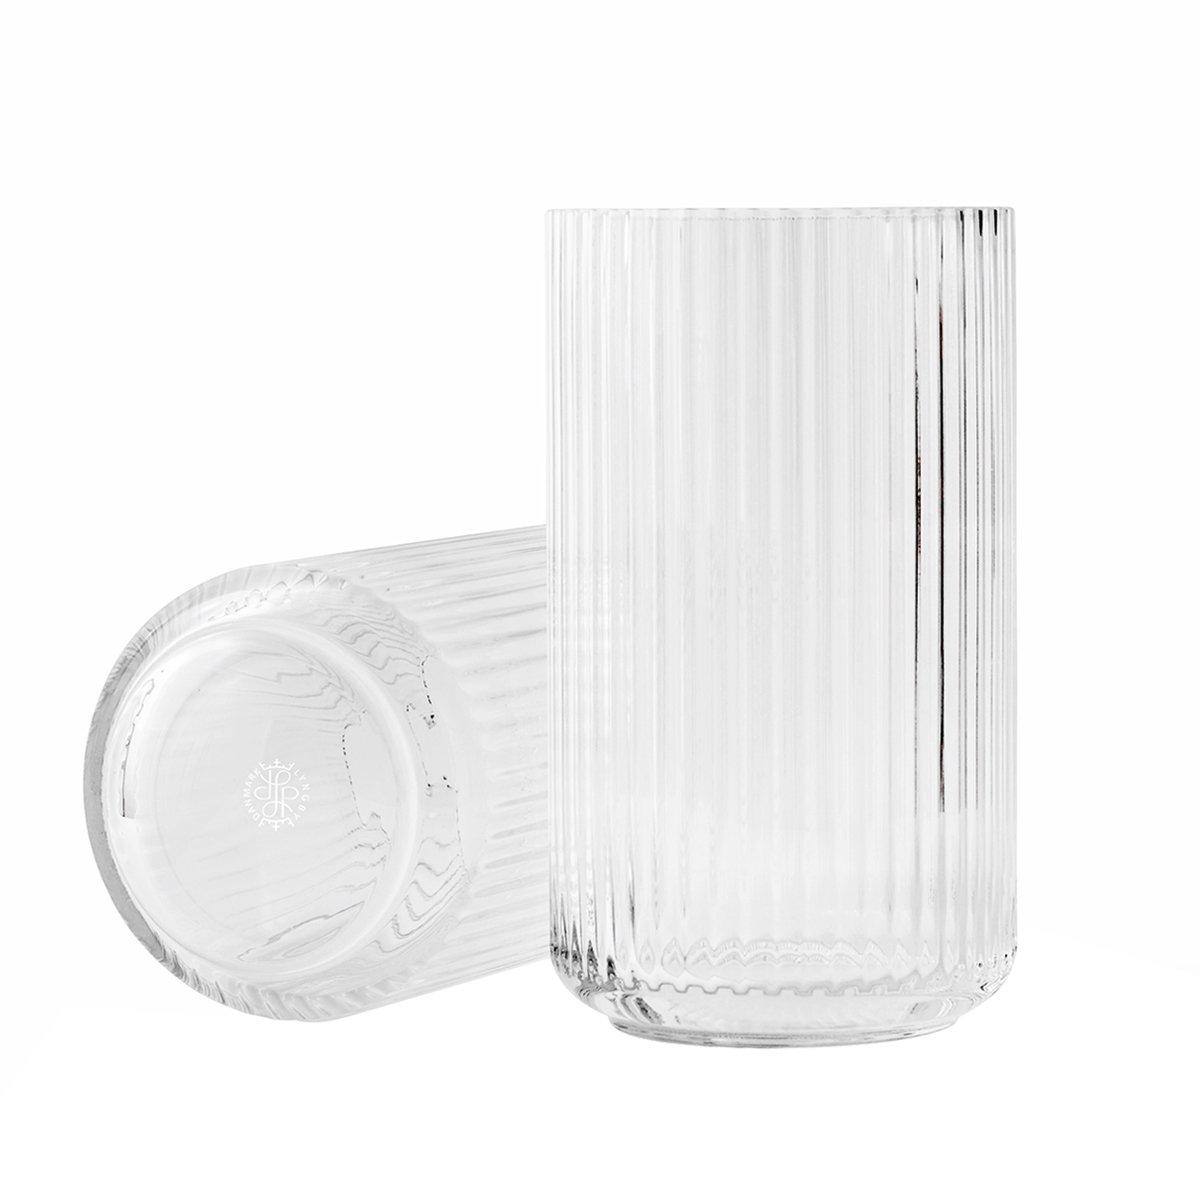 Lyngby Porcel�n Lyngby Vaas Glas - Transparant - 20,5 cm.